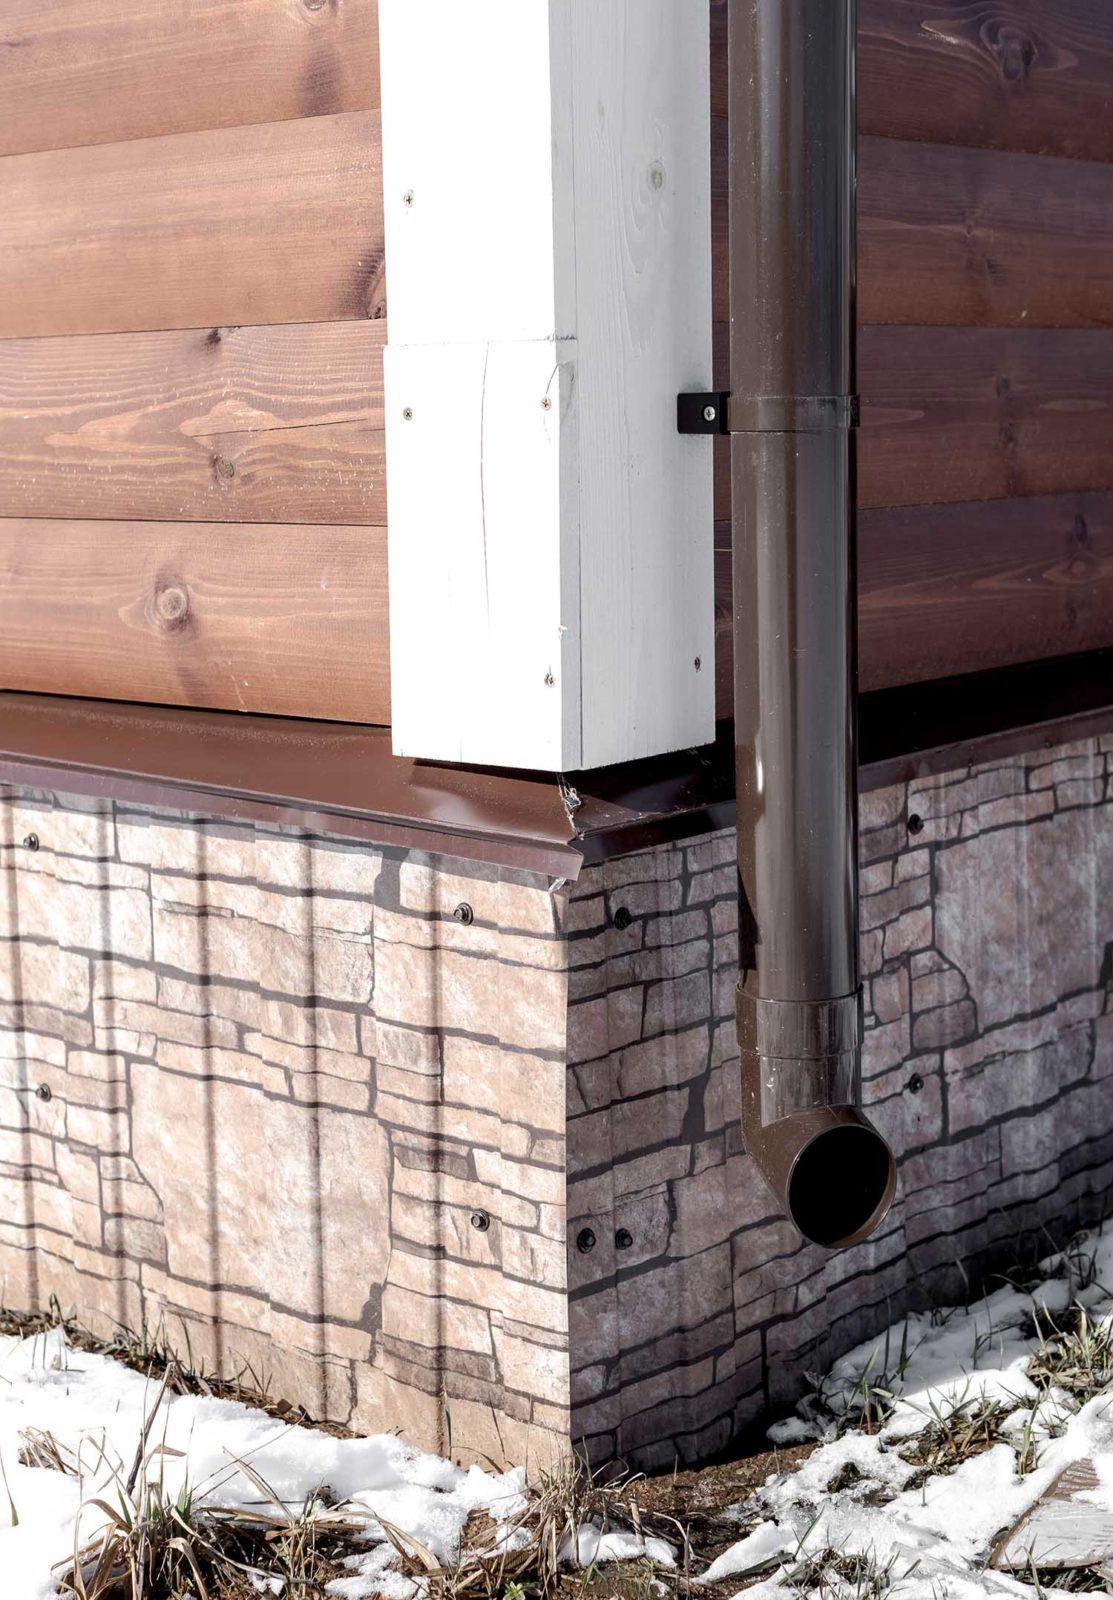 водосточная система, пластиковая водосточная система, водосточная система частного дома